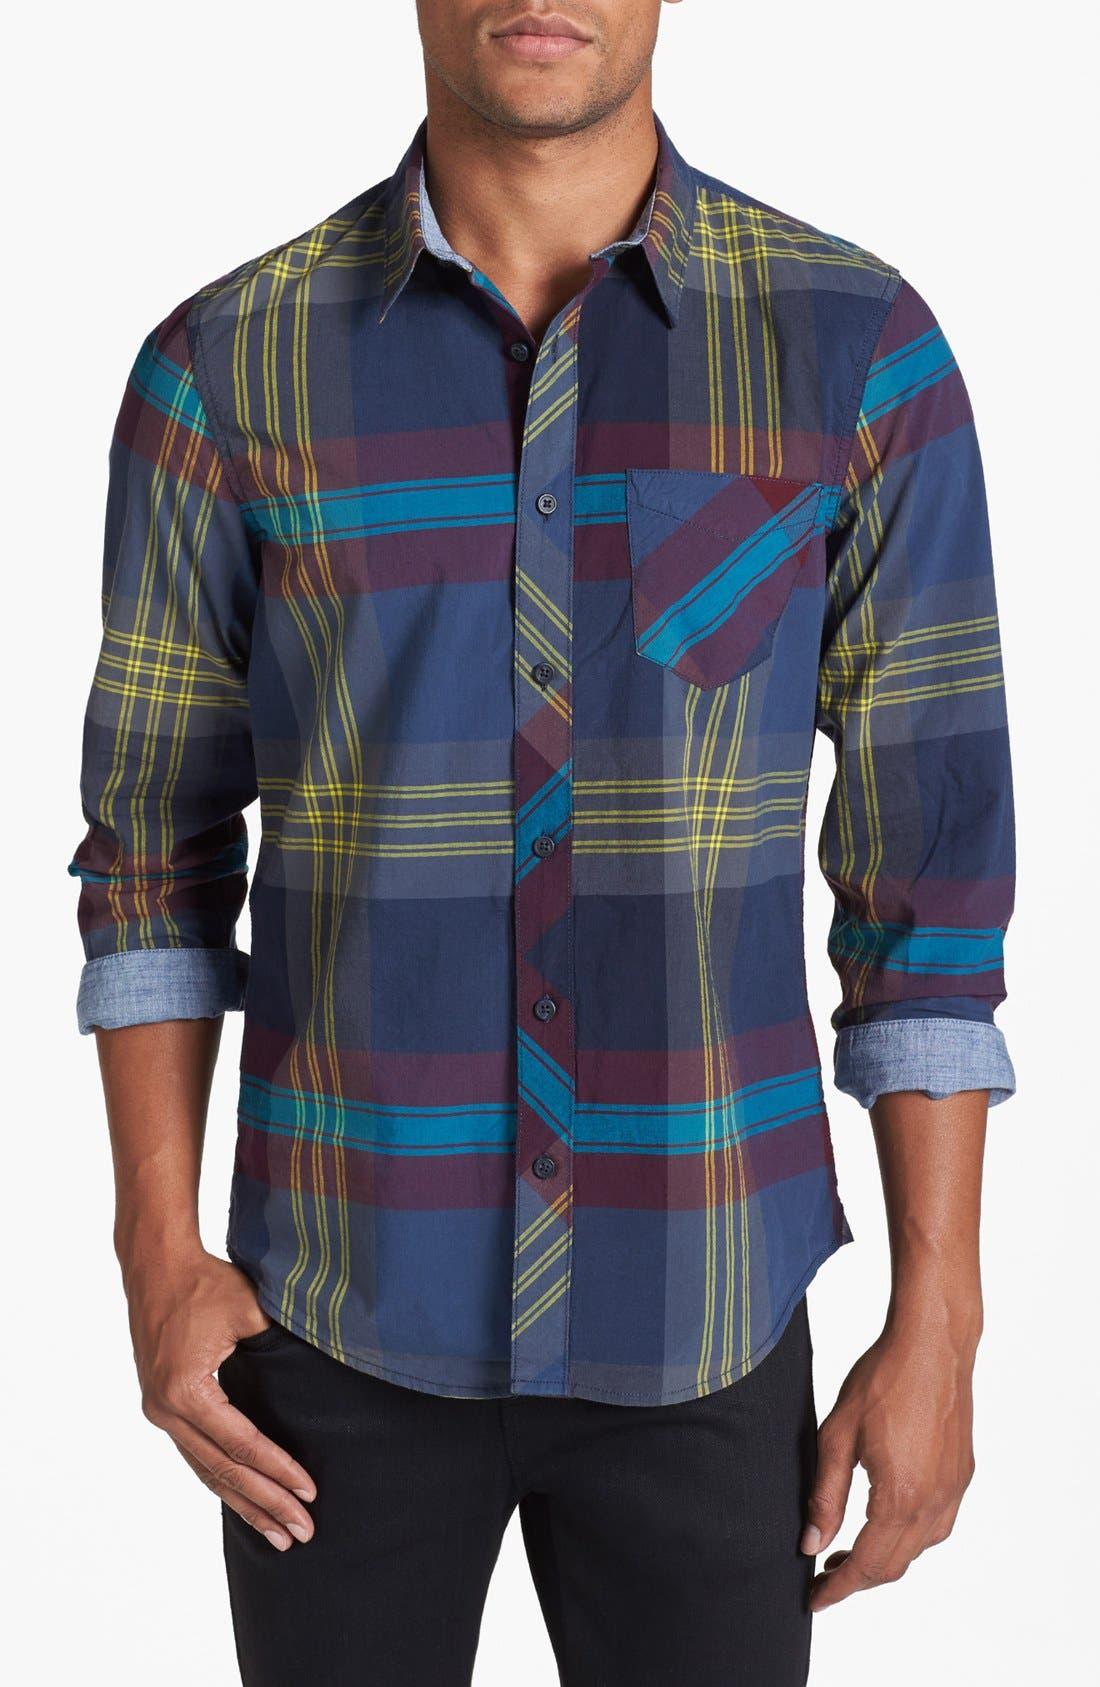 Main Image - 1901 Plaid Poplin Shirt